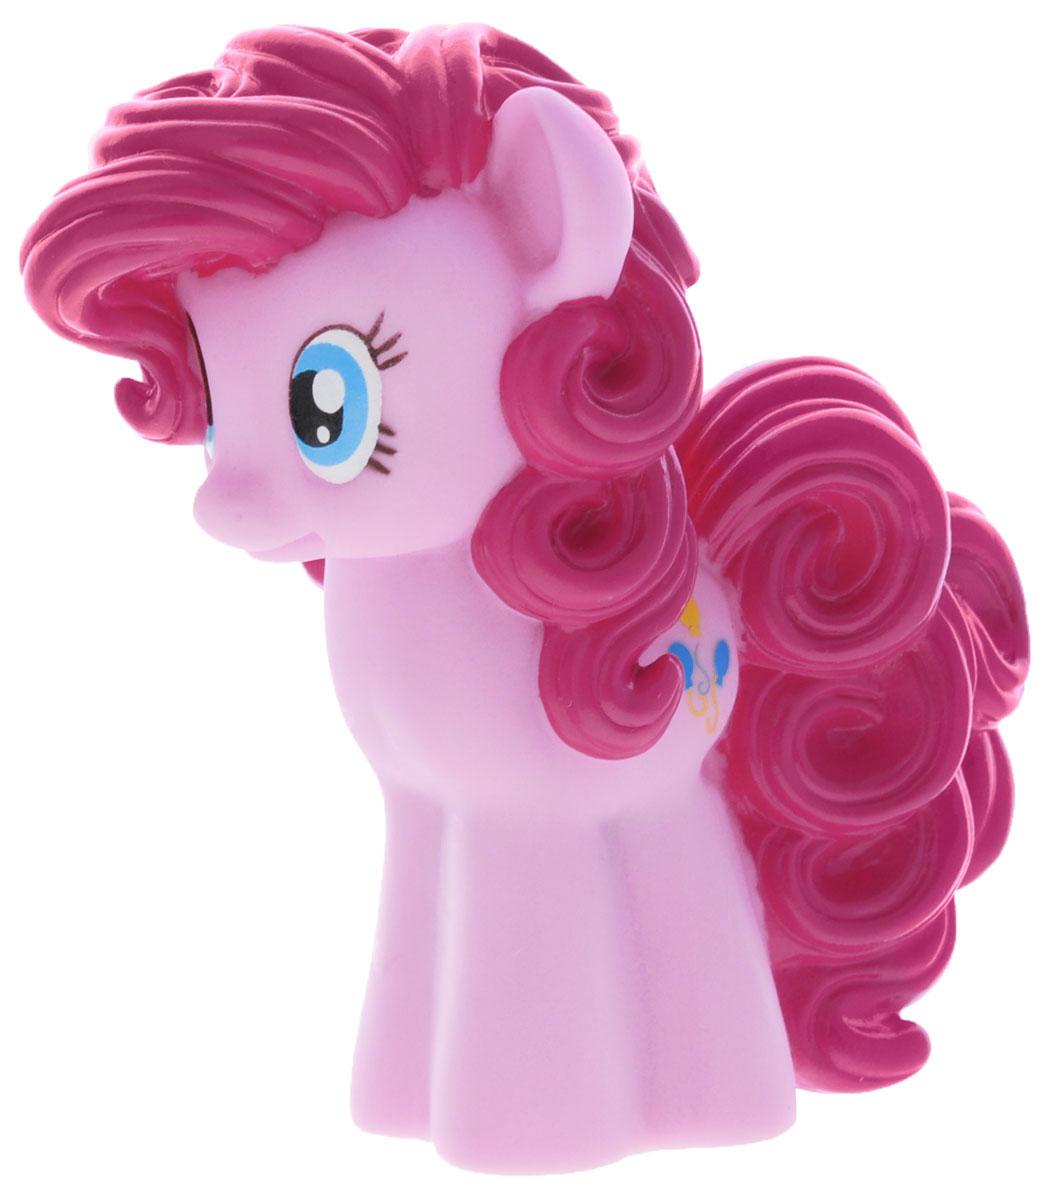 My Little Pony Игрушка для ванны Пони Пинки ПайGT8613Игрушка для ванны My Little Pony Пони Пинки Пай способна занять малыша на все время купания. Она изготовлена из высококачественных материалов. Игрушка выполнена в виде яркой пони Pinkie Pie. Данная игрушка несомненно принесет вашему малышу море позитива, а обычное купание превратит в веселую игру. Игрушка водонепроницаема, поэтому, как только пони попадет в воду, она начнет светиться, а также ребенок услышит песенку и фразы голосом персонажа. С такой игрушкой ребенок может развивать мелкую моторику рук, концентрацию внимания и даже воображение. Порадуйте свою кроху такой милой игрушкой!